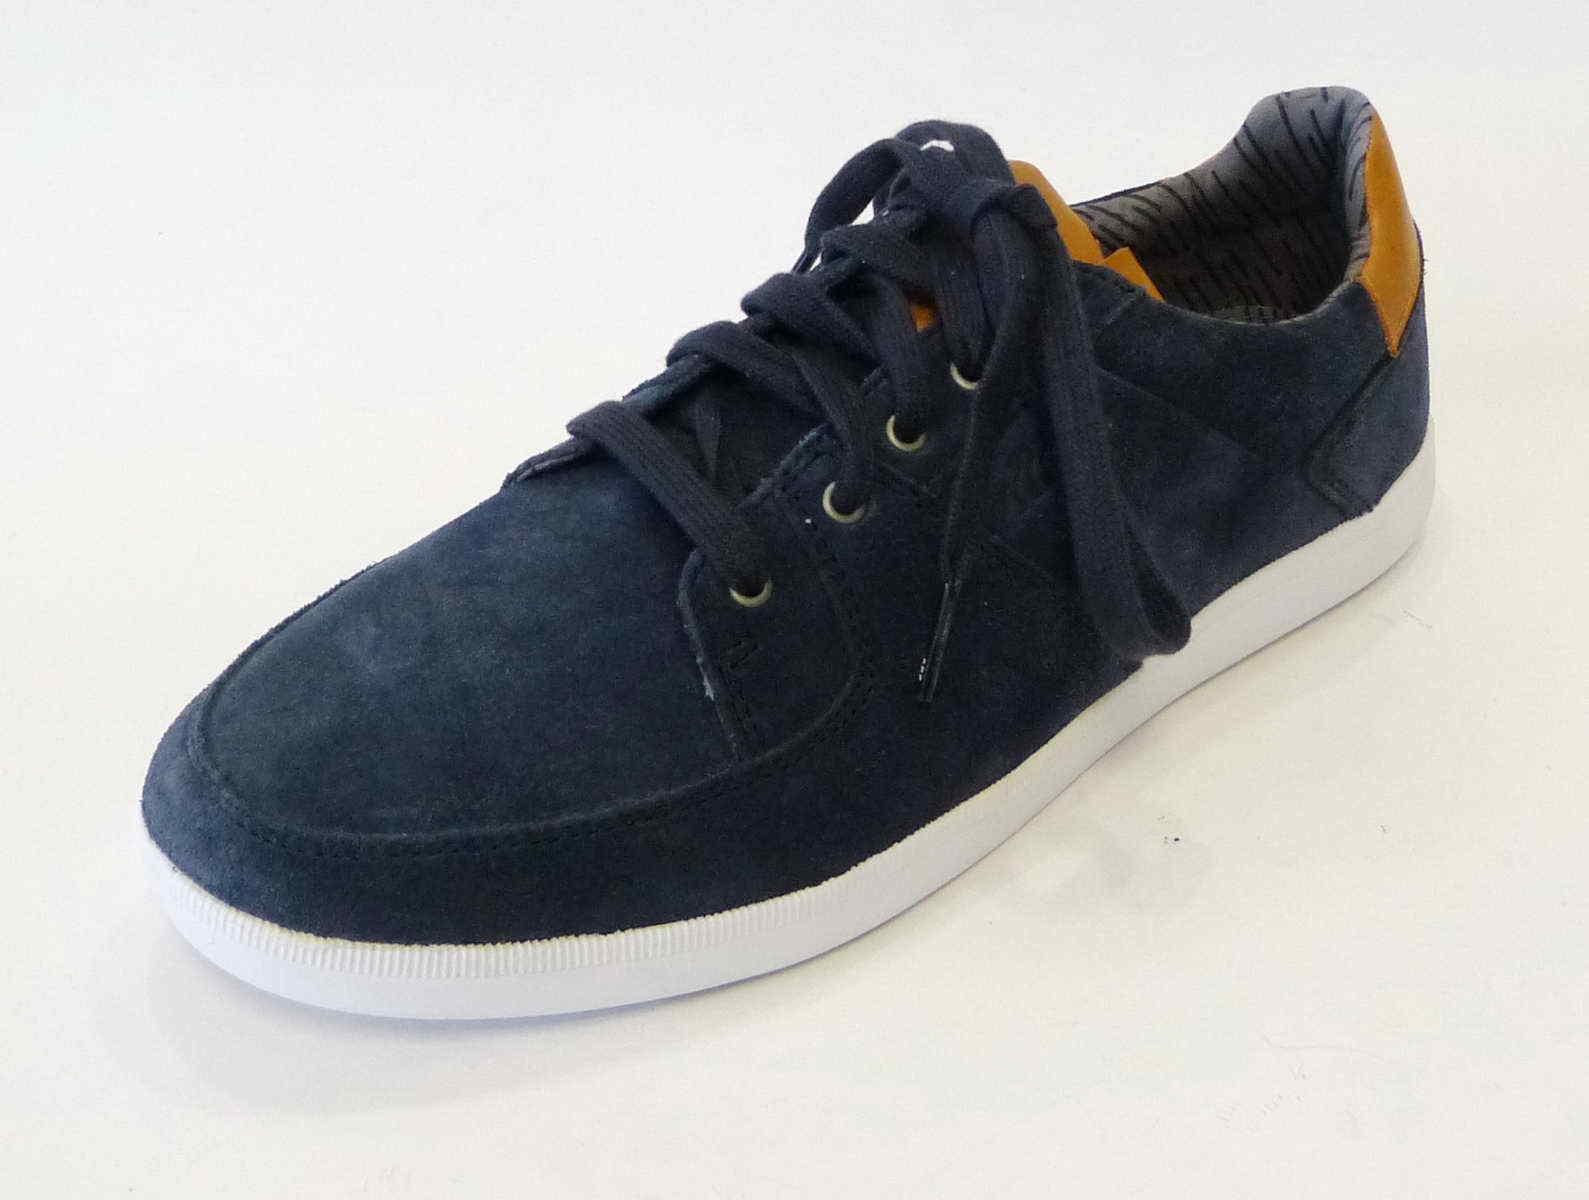 Boxfresh cortos cladd e15059 azul nobuck serraje cuero zapatos de terciopelo